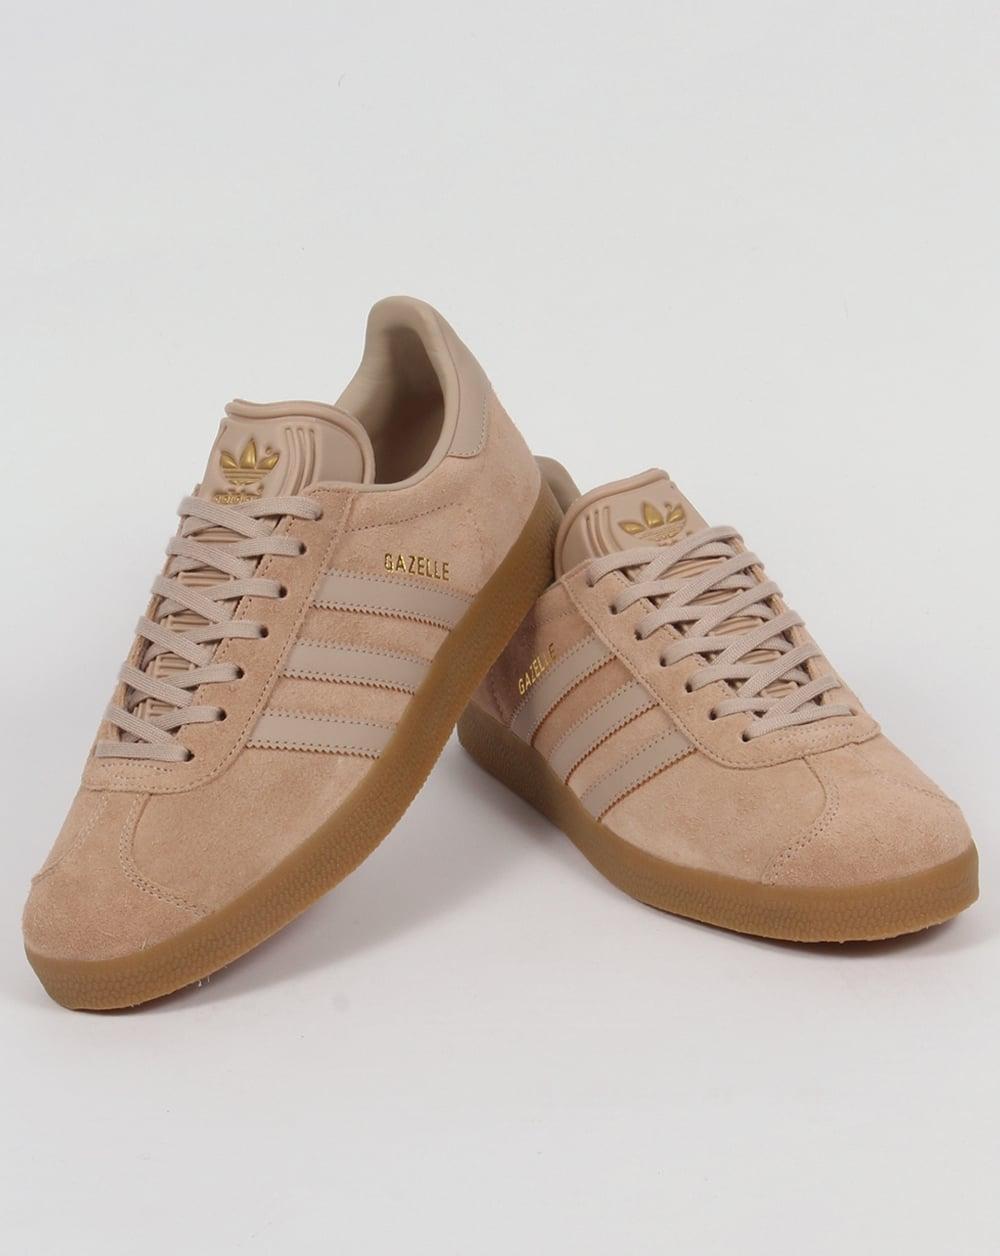 adidas gazelle gum sole